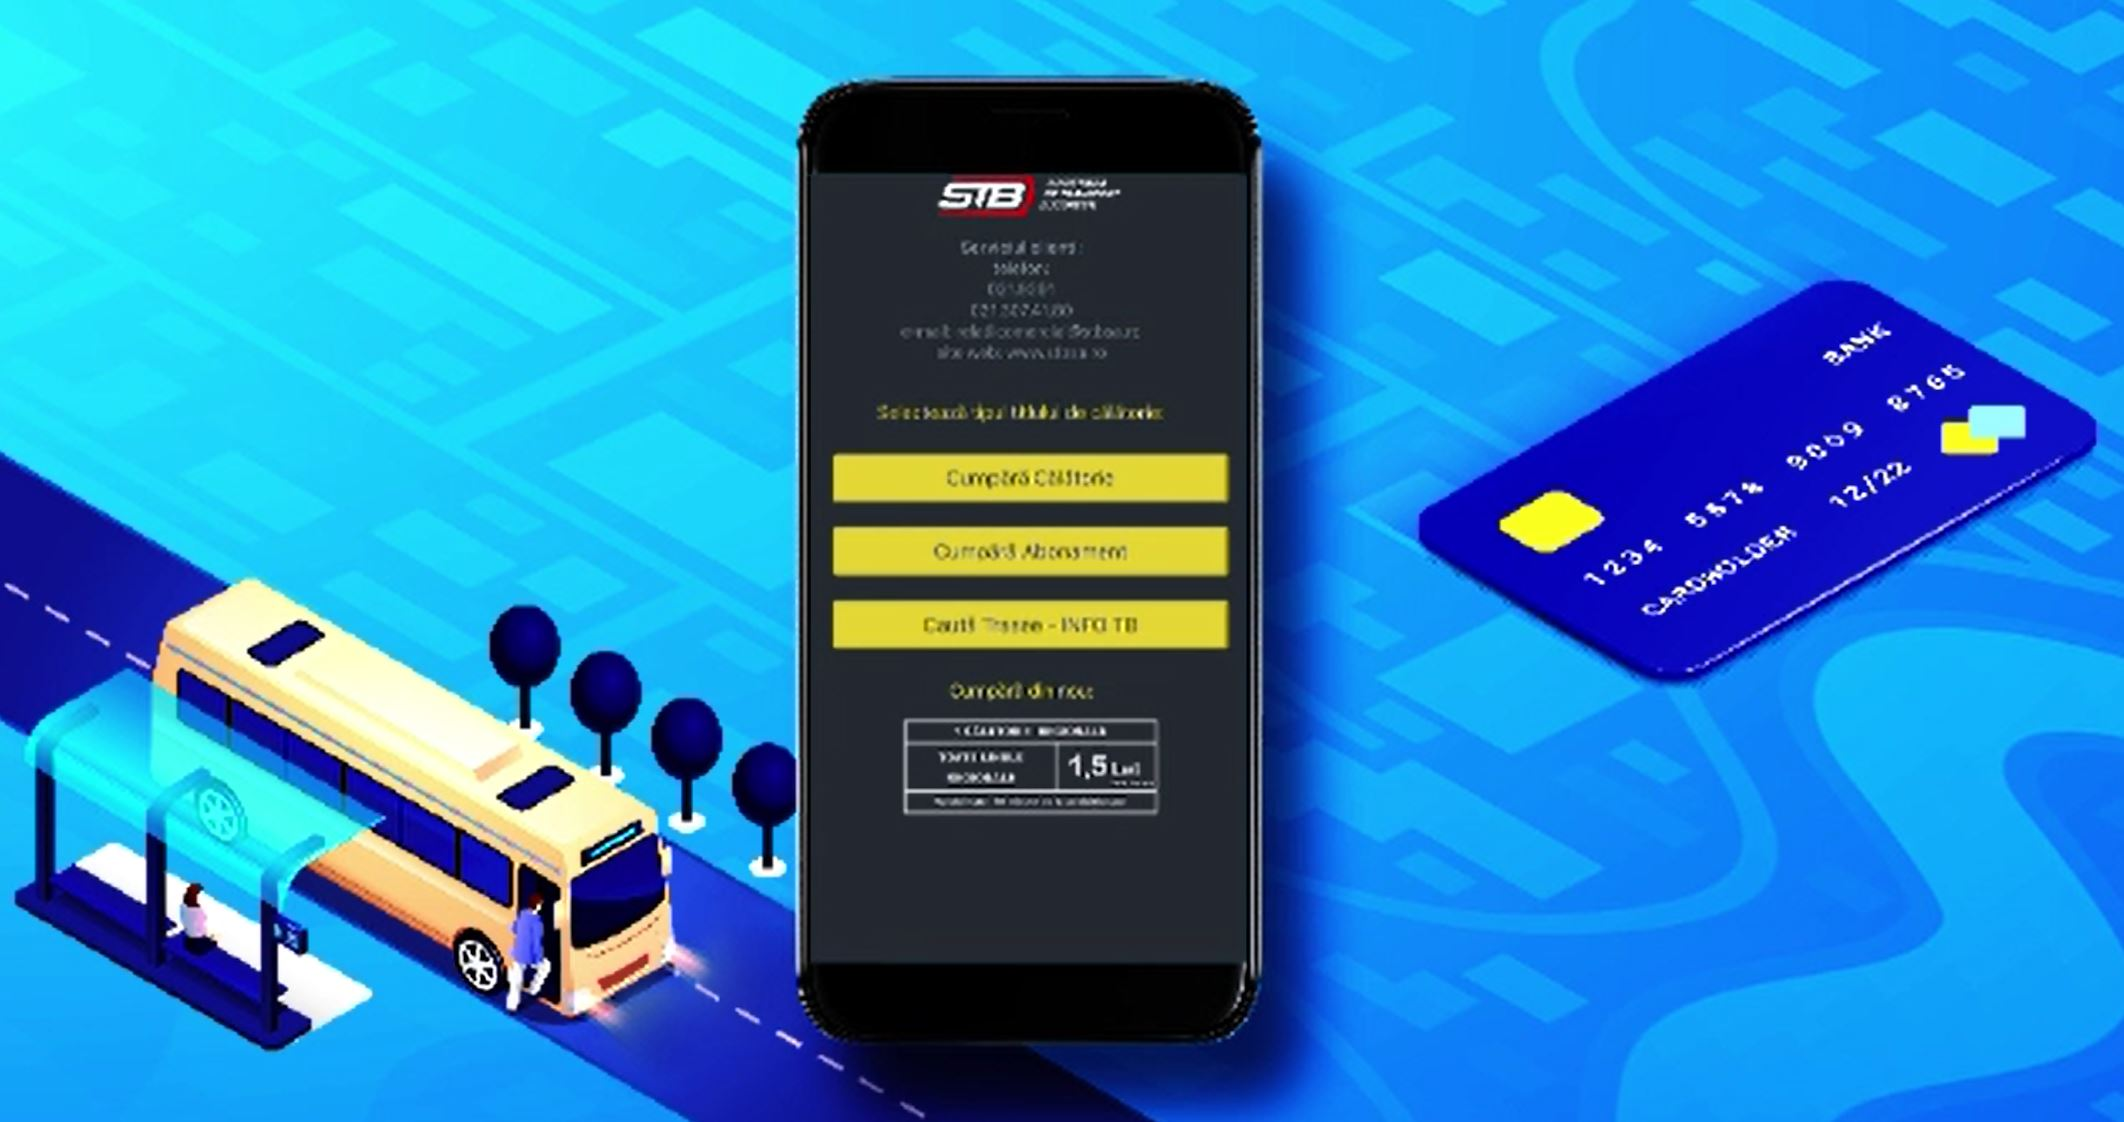 Biletele pentru STB, disponibile și online. Aplicația de unde pot fi cumpărate